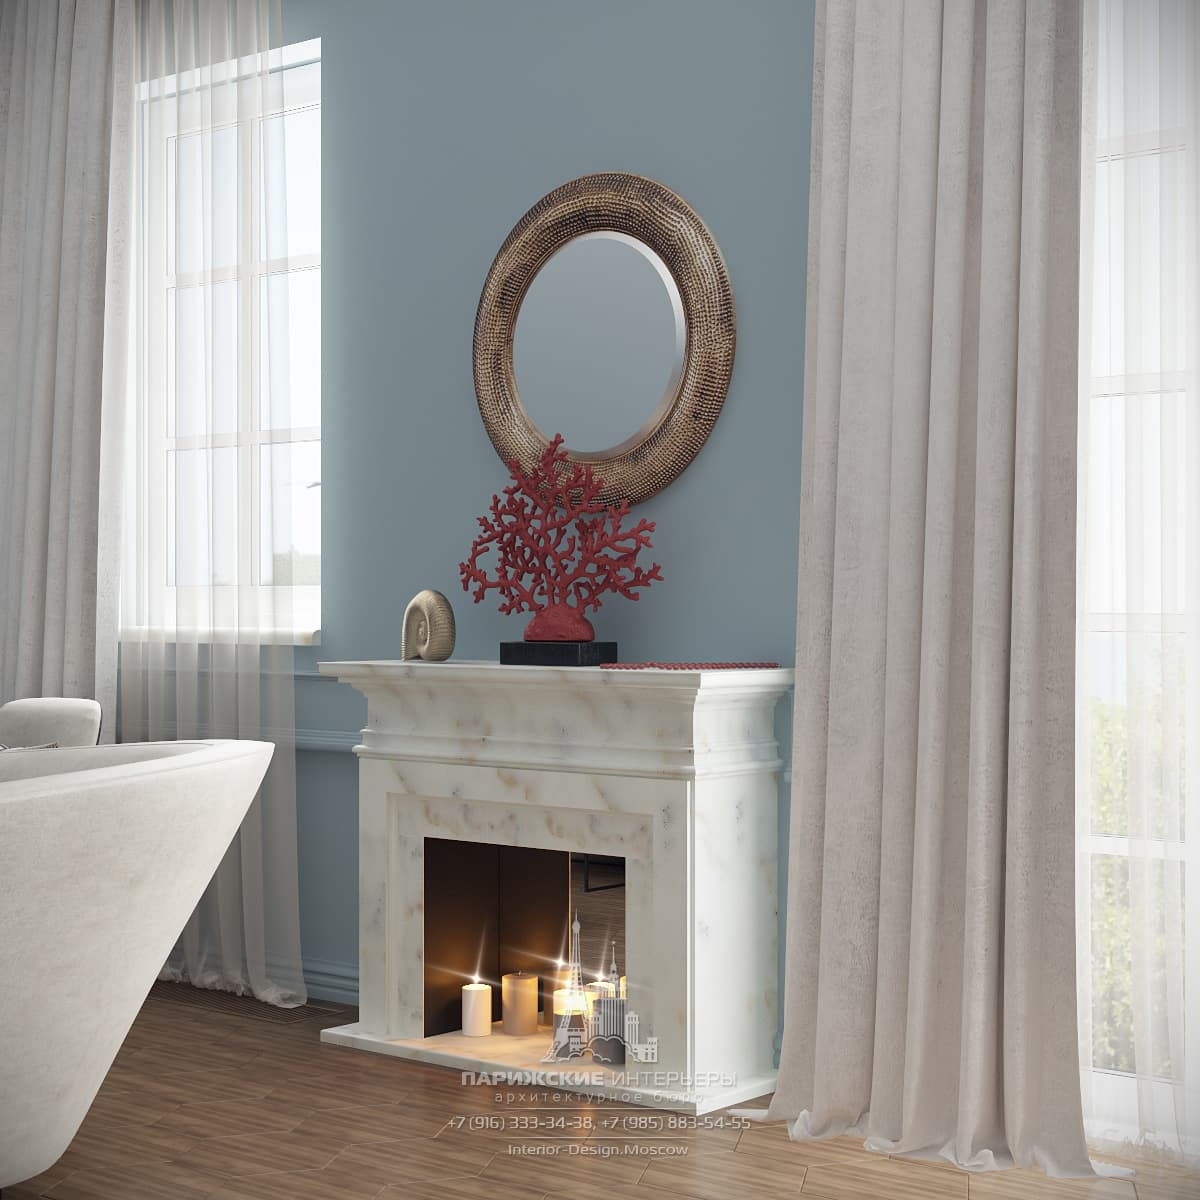 Камин в интерьере гостиной в парижском стиле. Фото дизайн-проекта